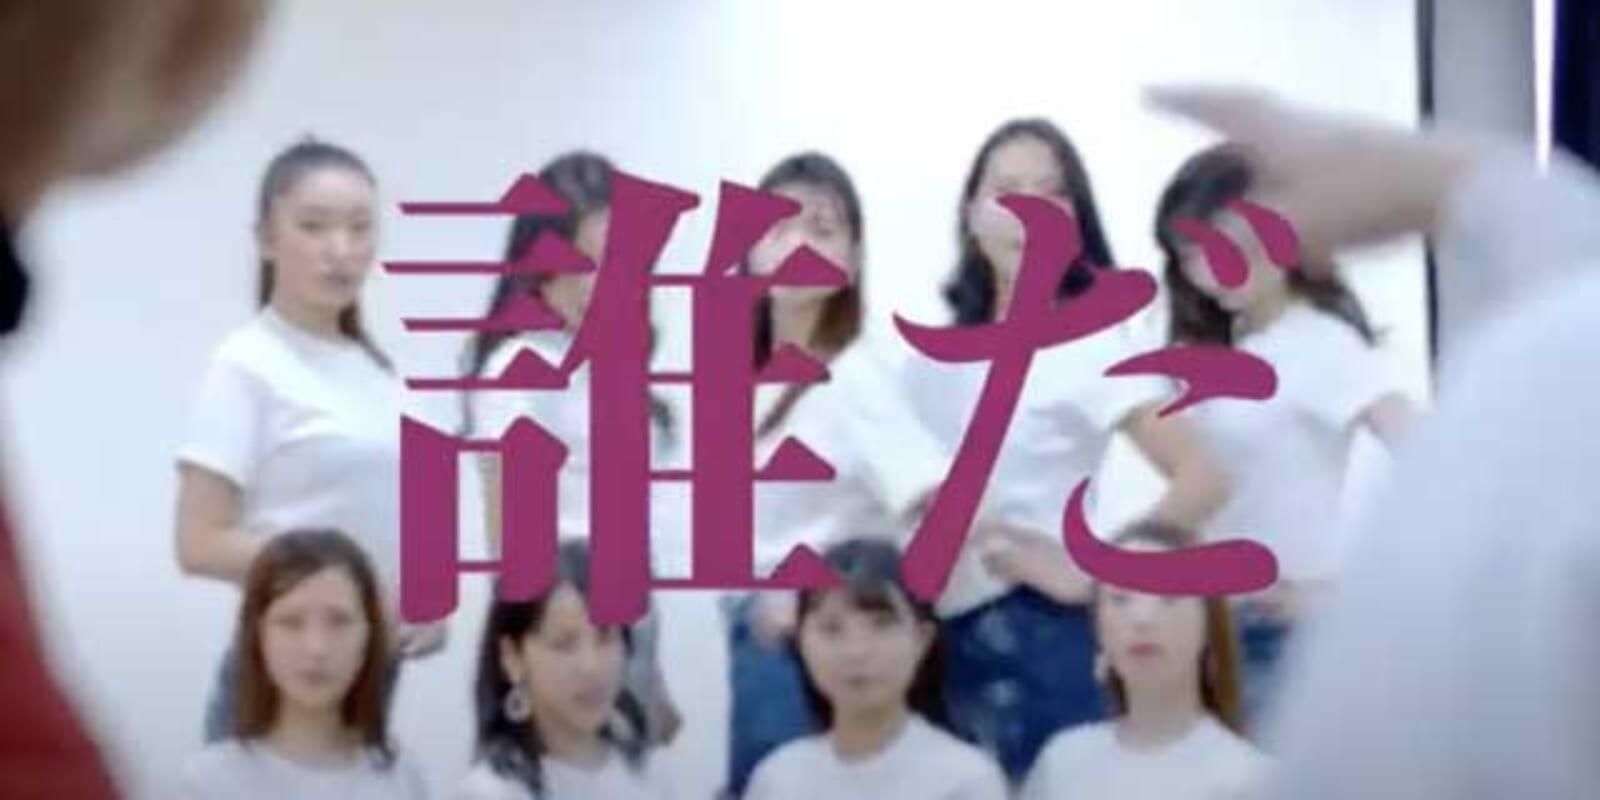 miss-hokkaido-video